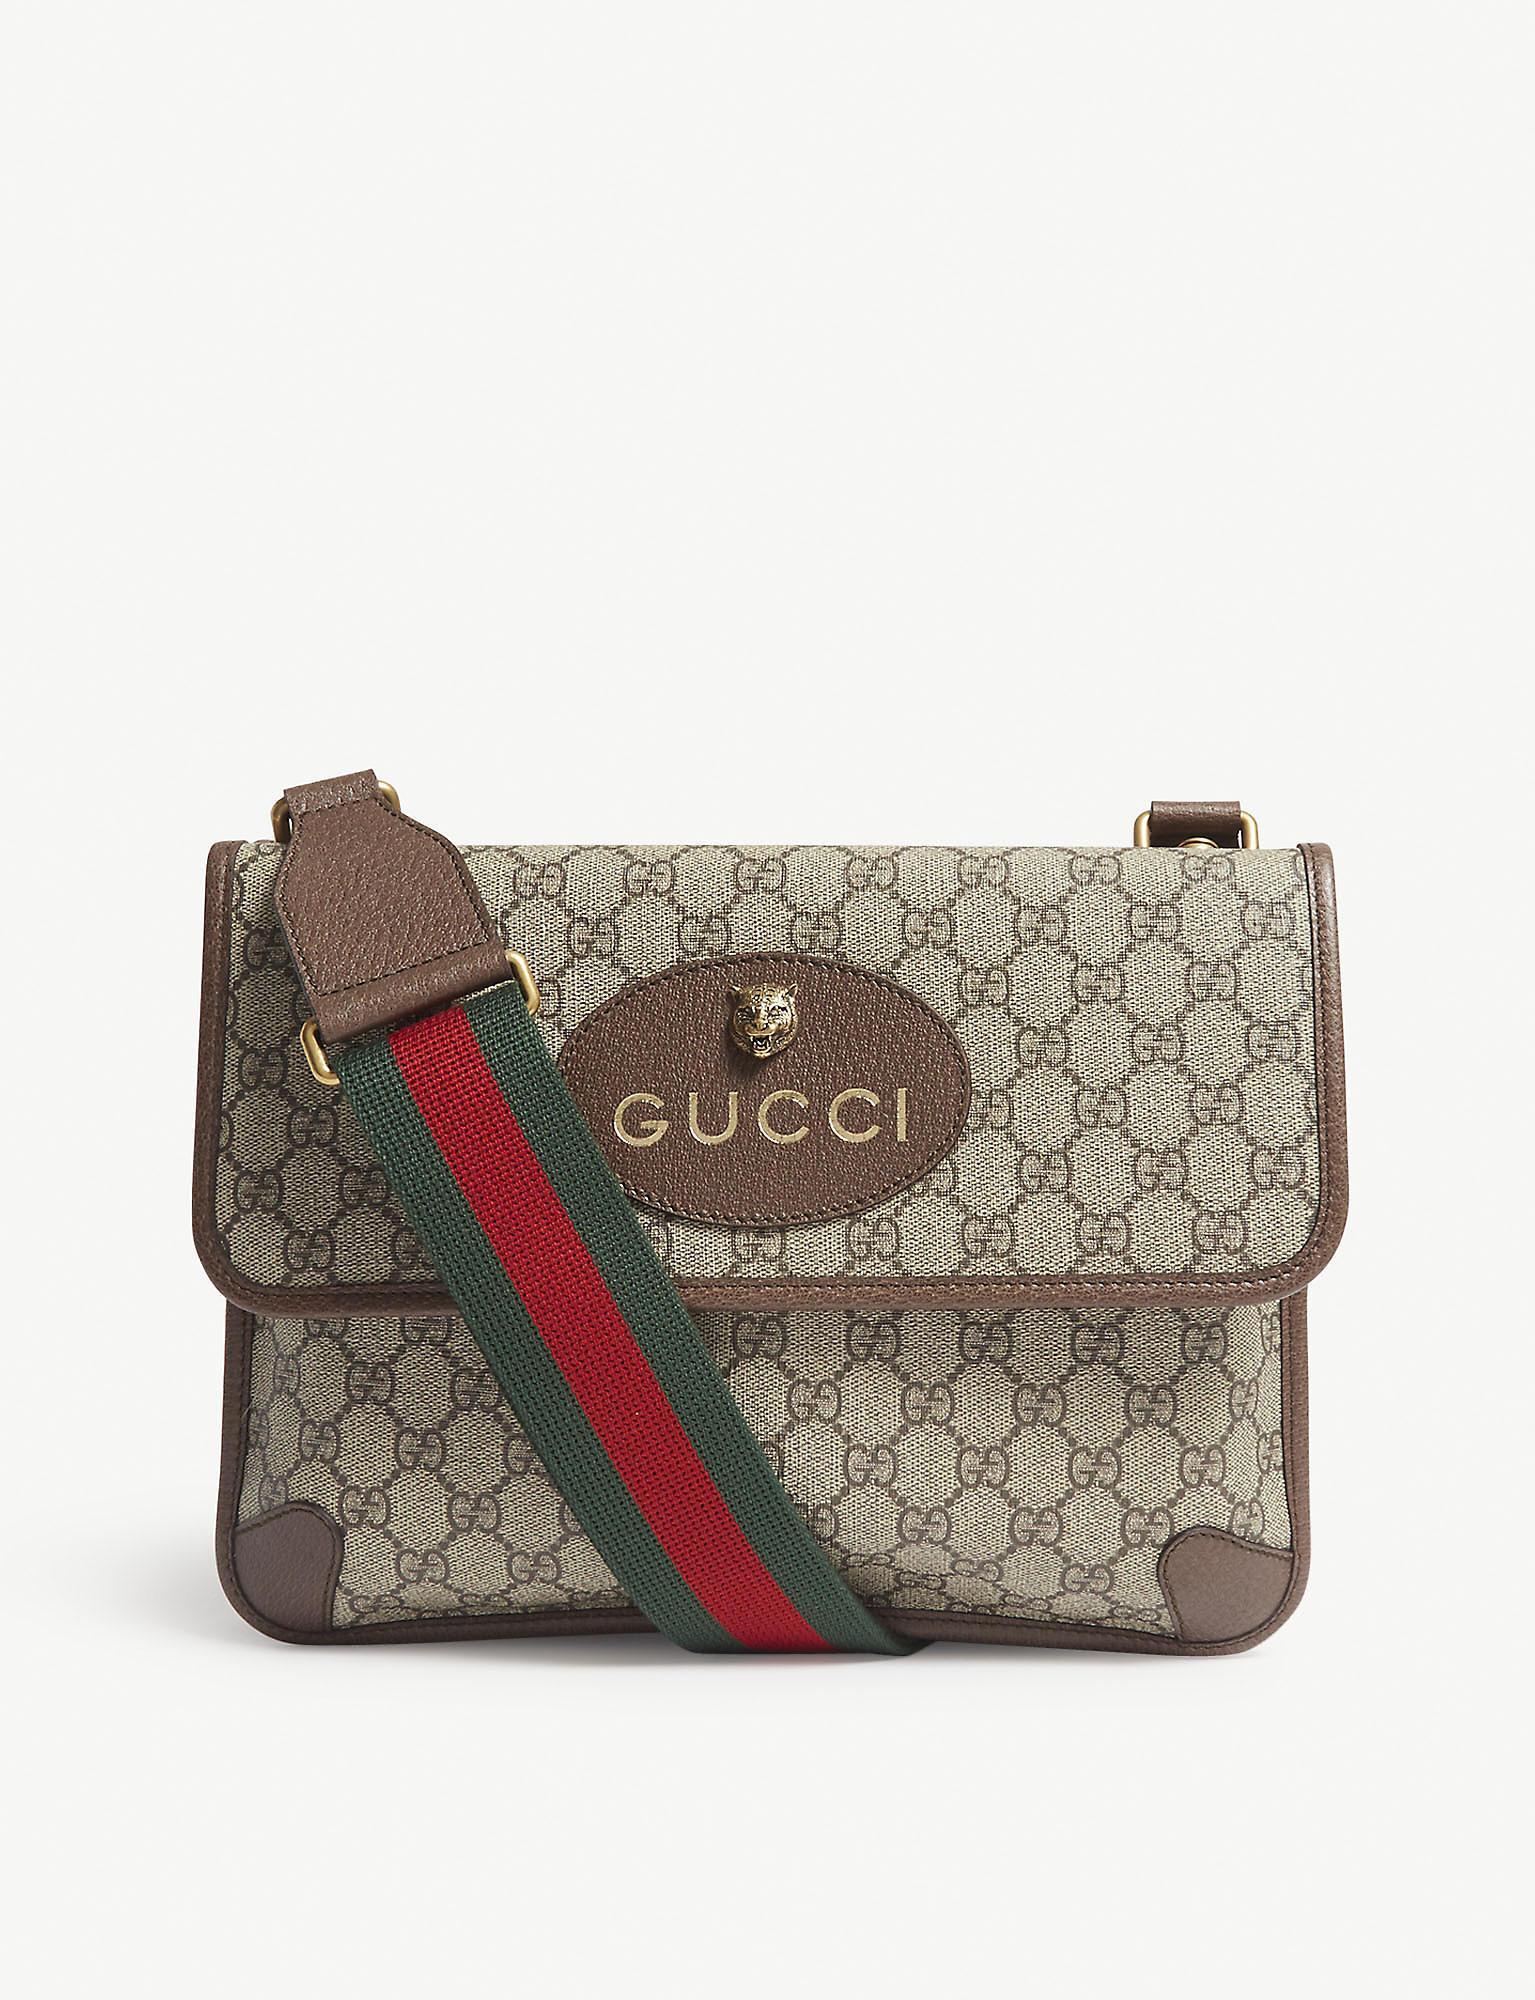 bdfe0c1807a Lyst - Gucci Vintage Supreme Canvas Shoulder Bag in Natural